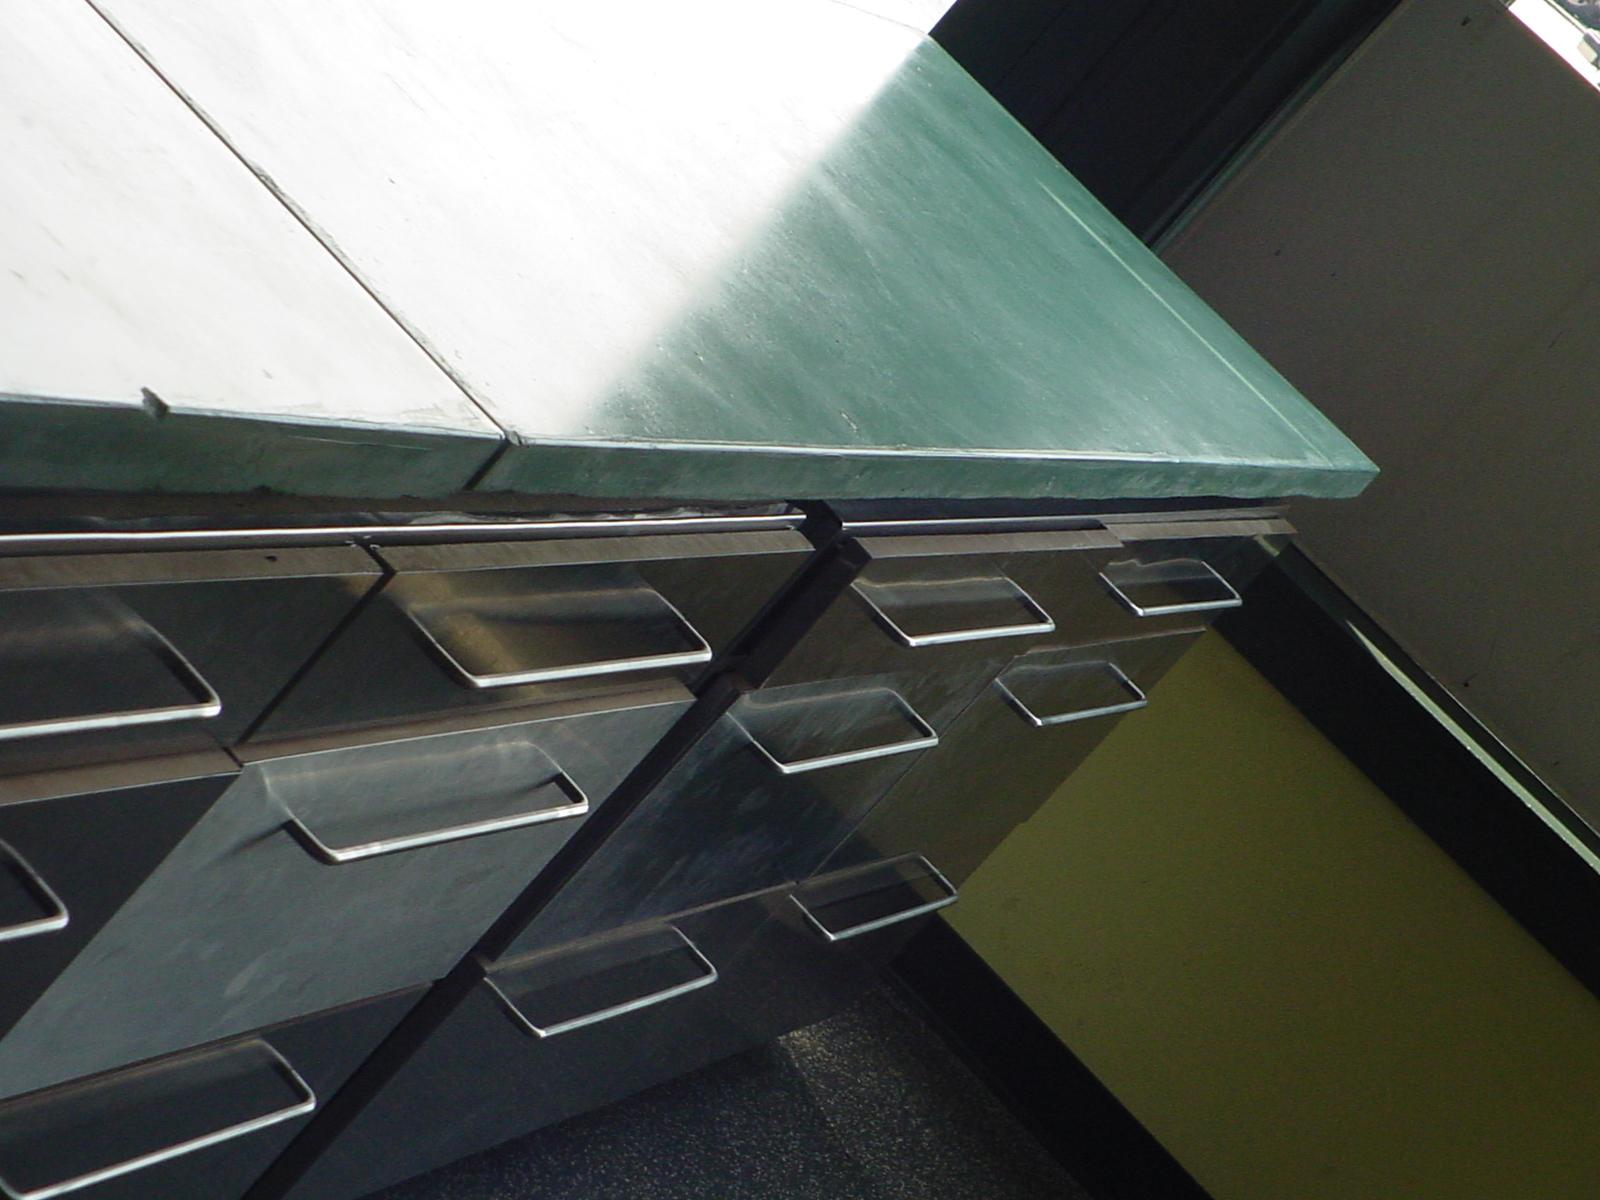 14_desk.JPG